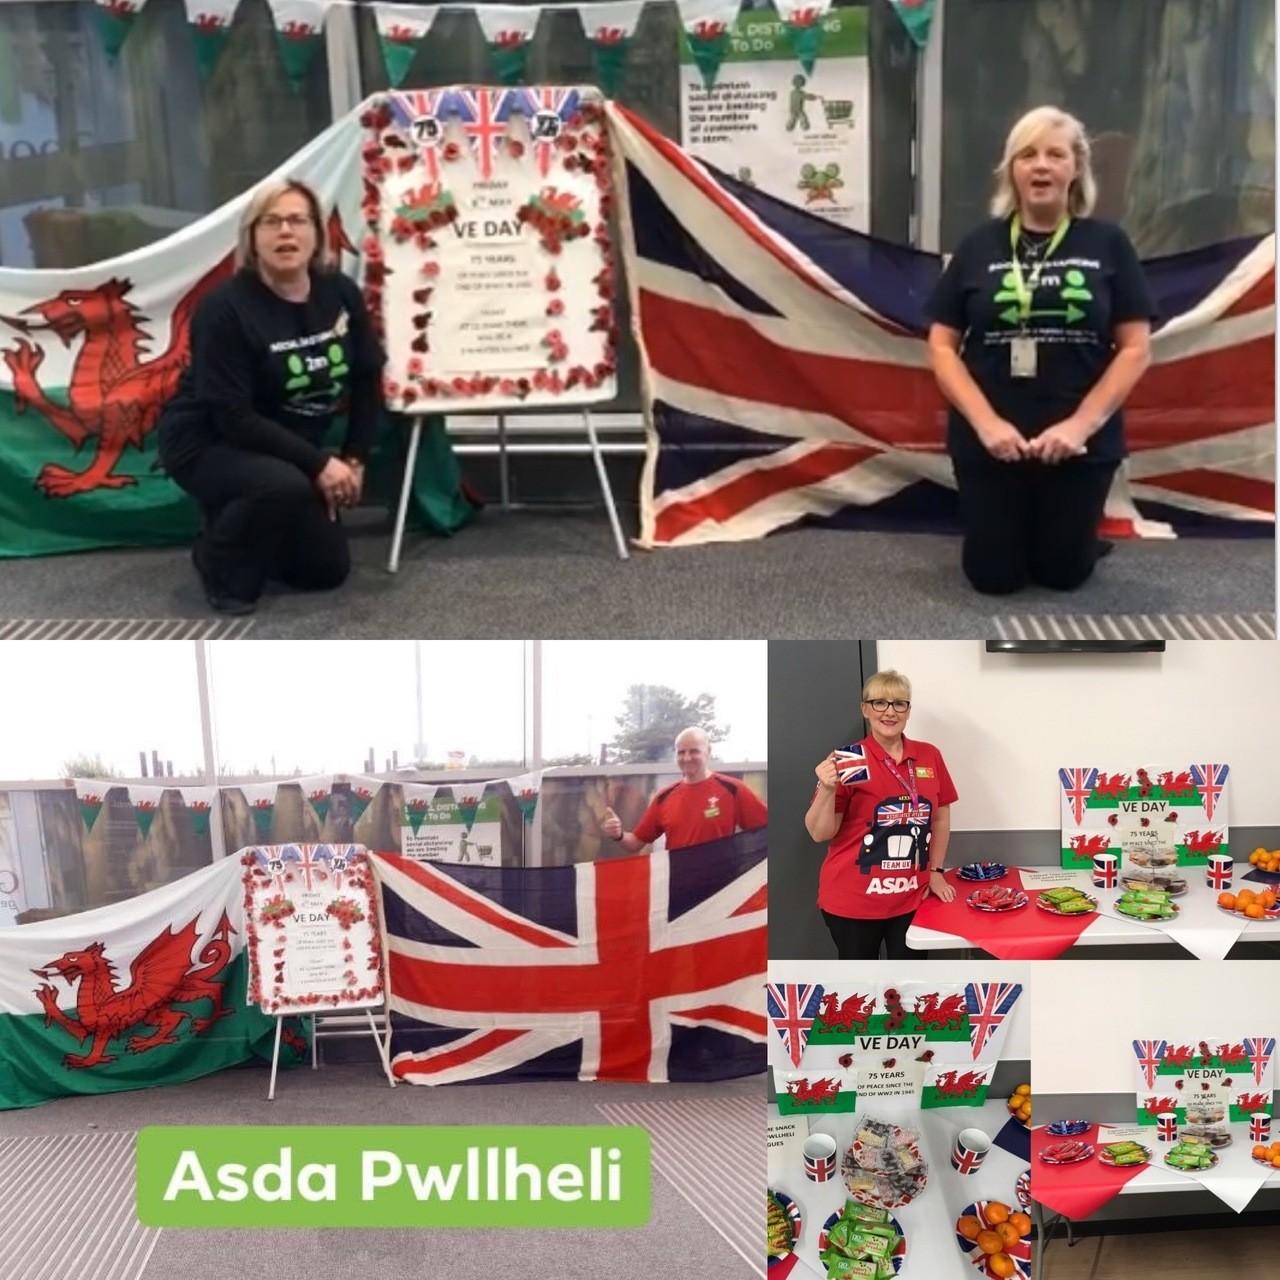 VE Day at Asda Pwllheli | Asda Pwllheli